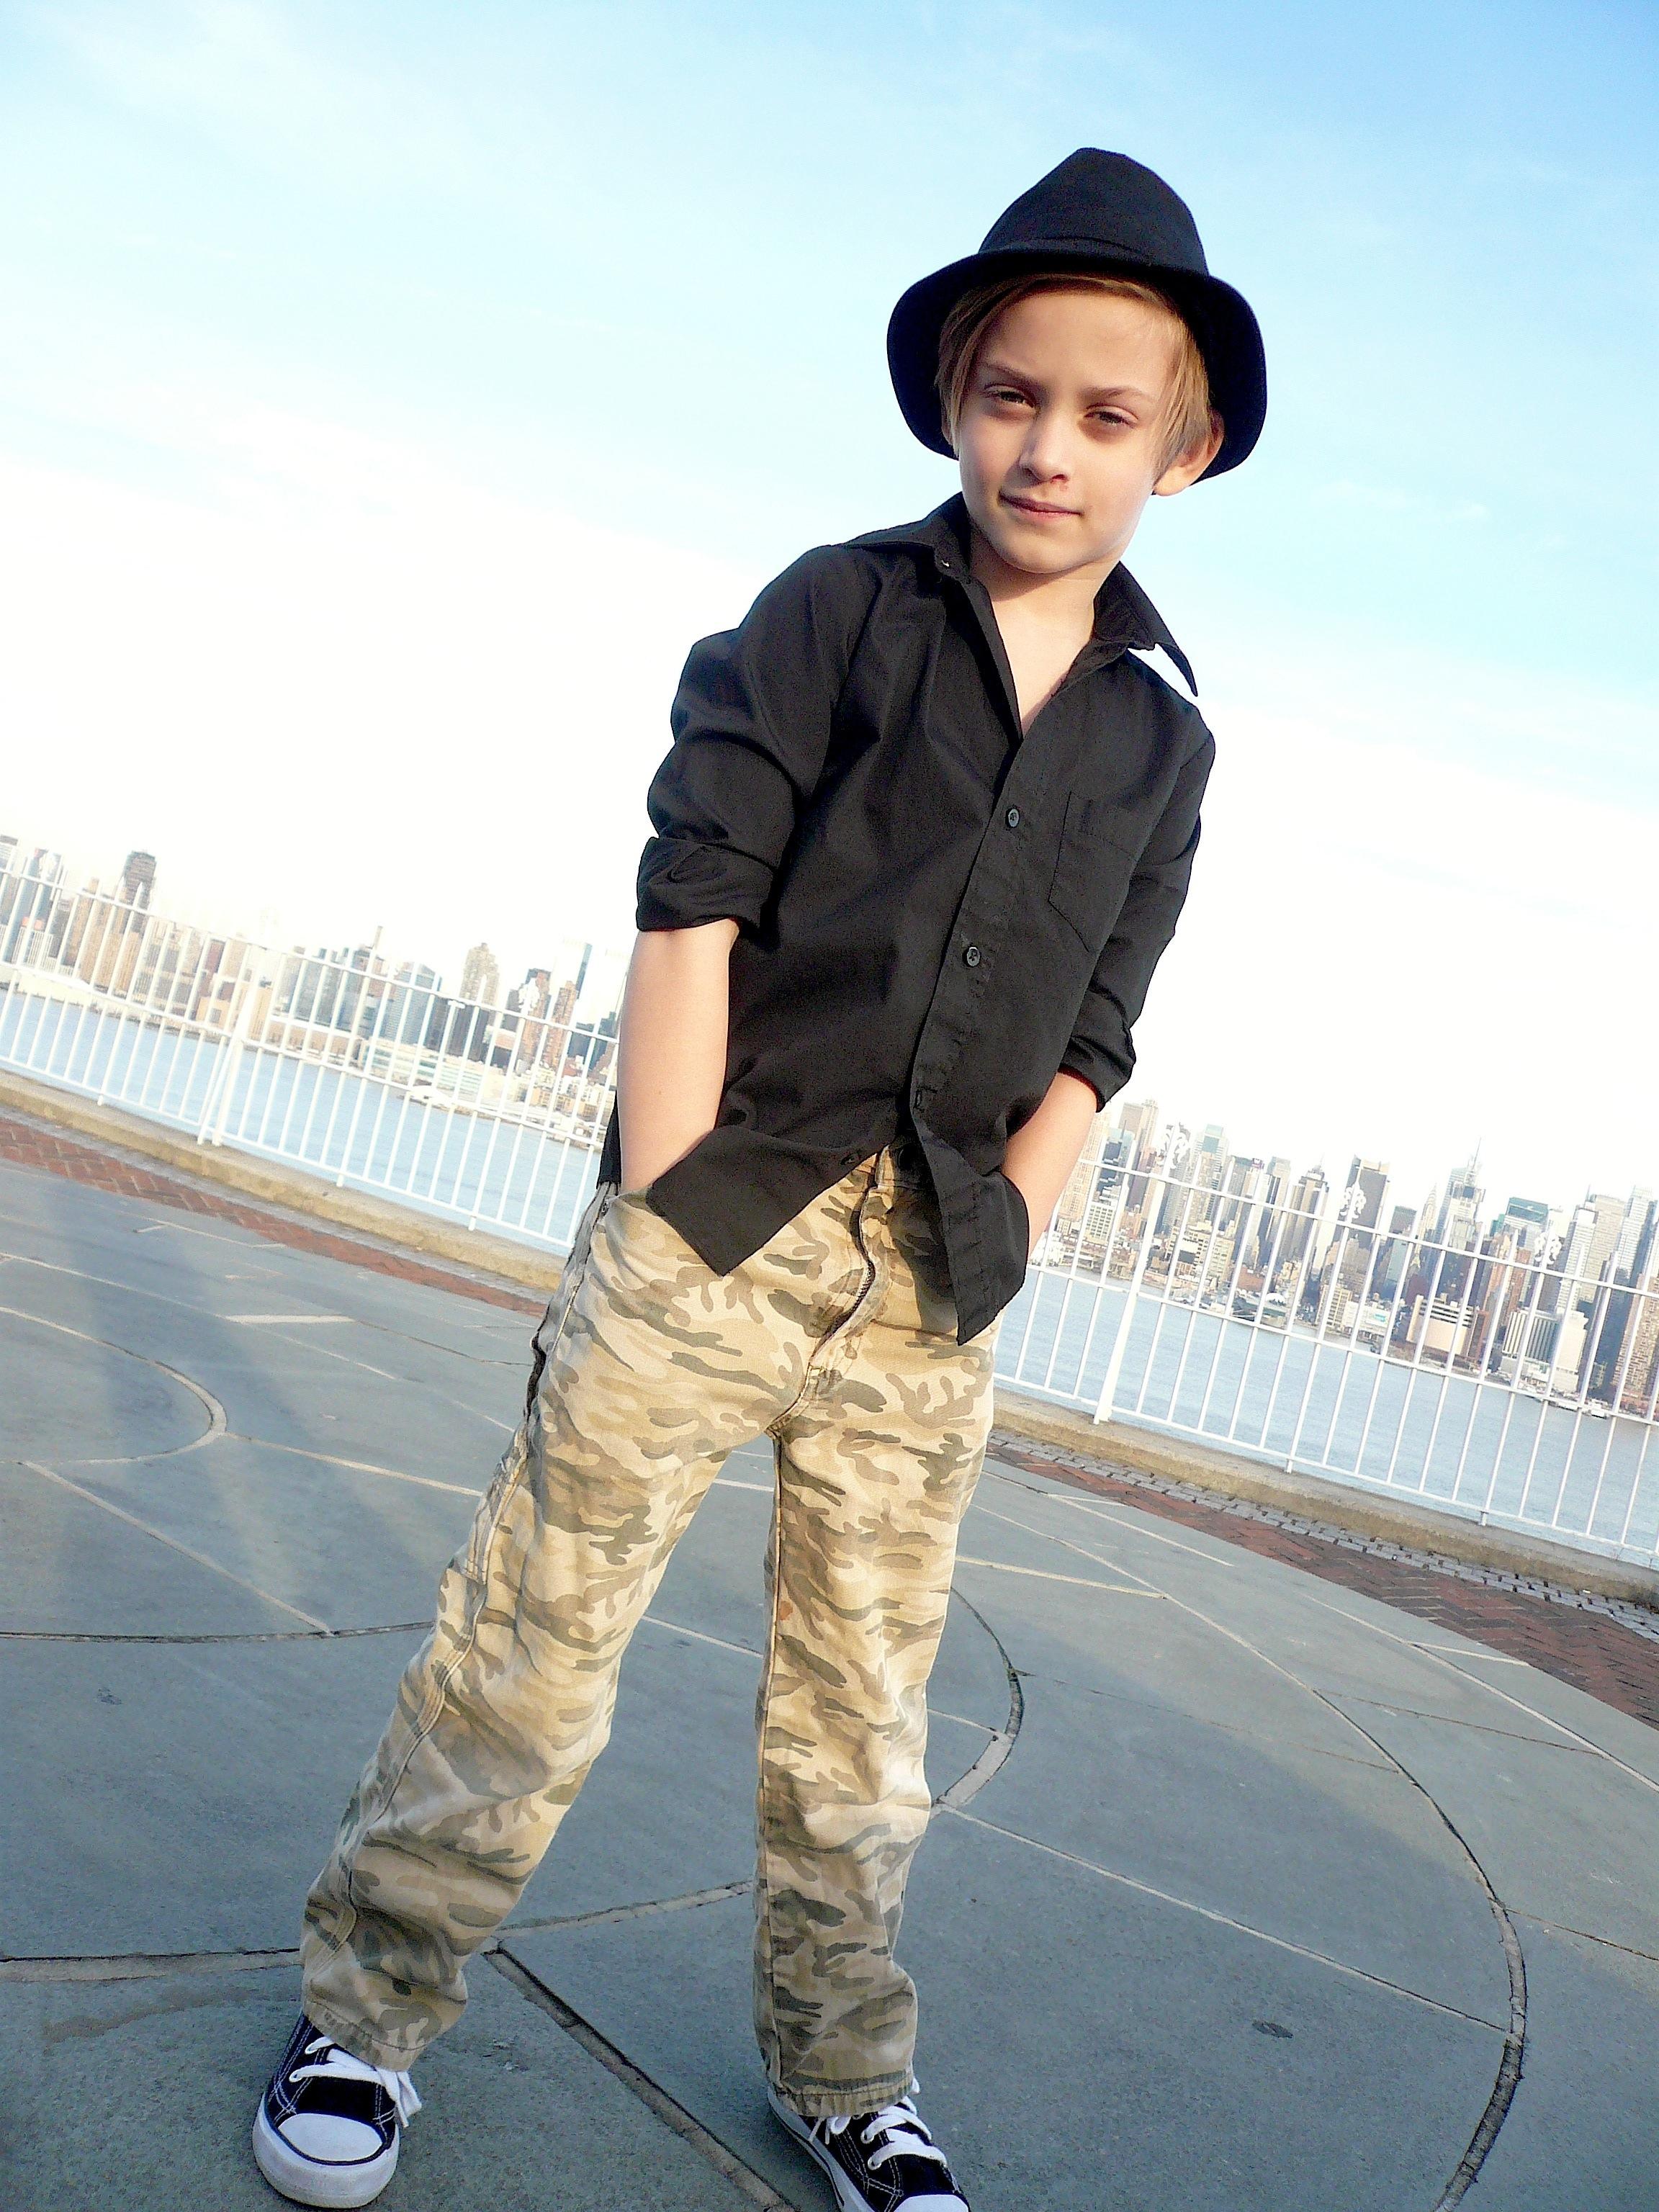 Hd photo of stylish boy